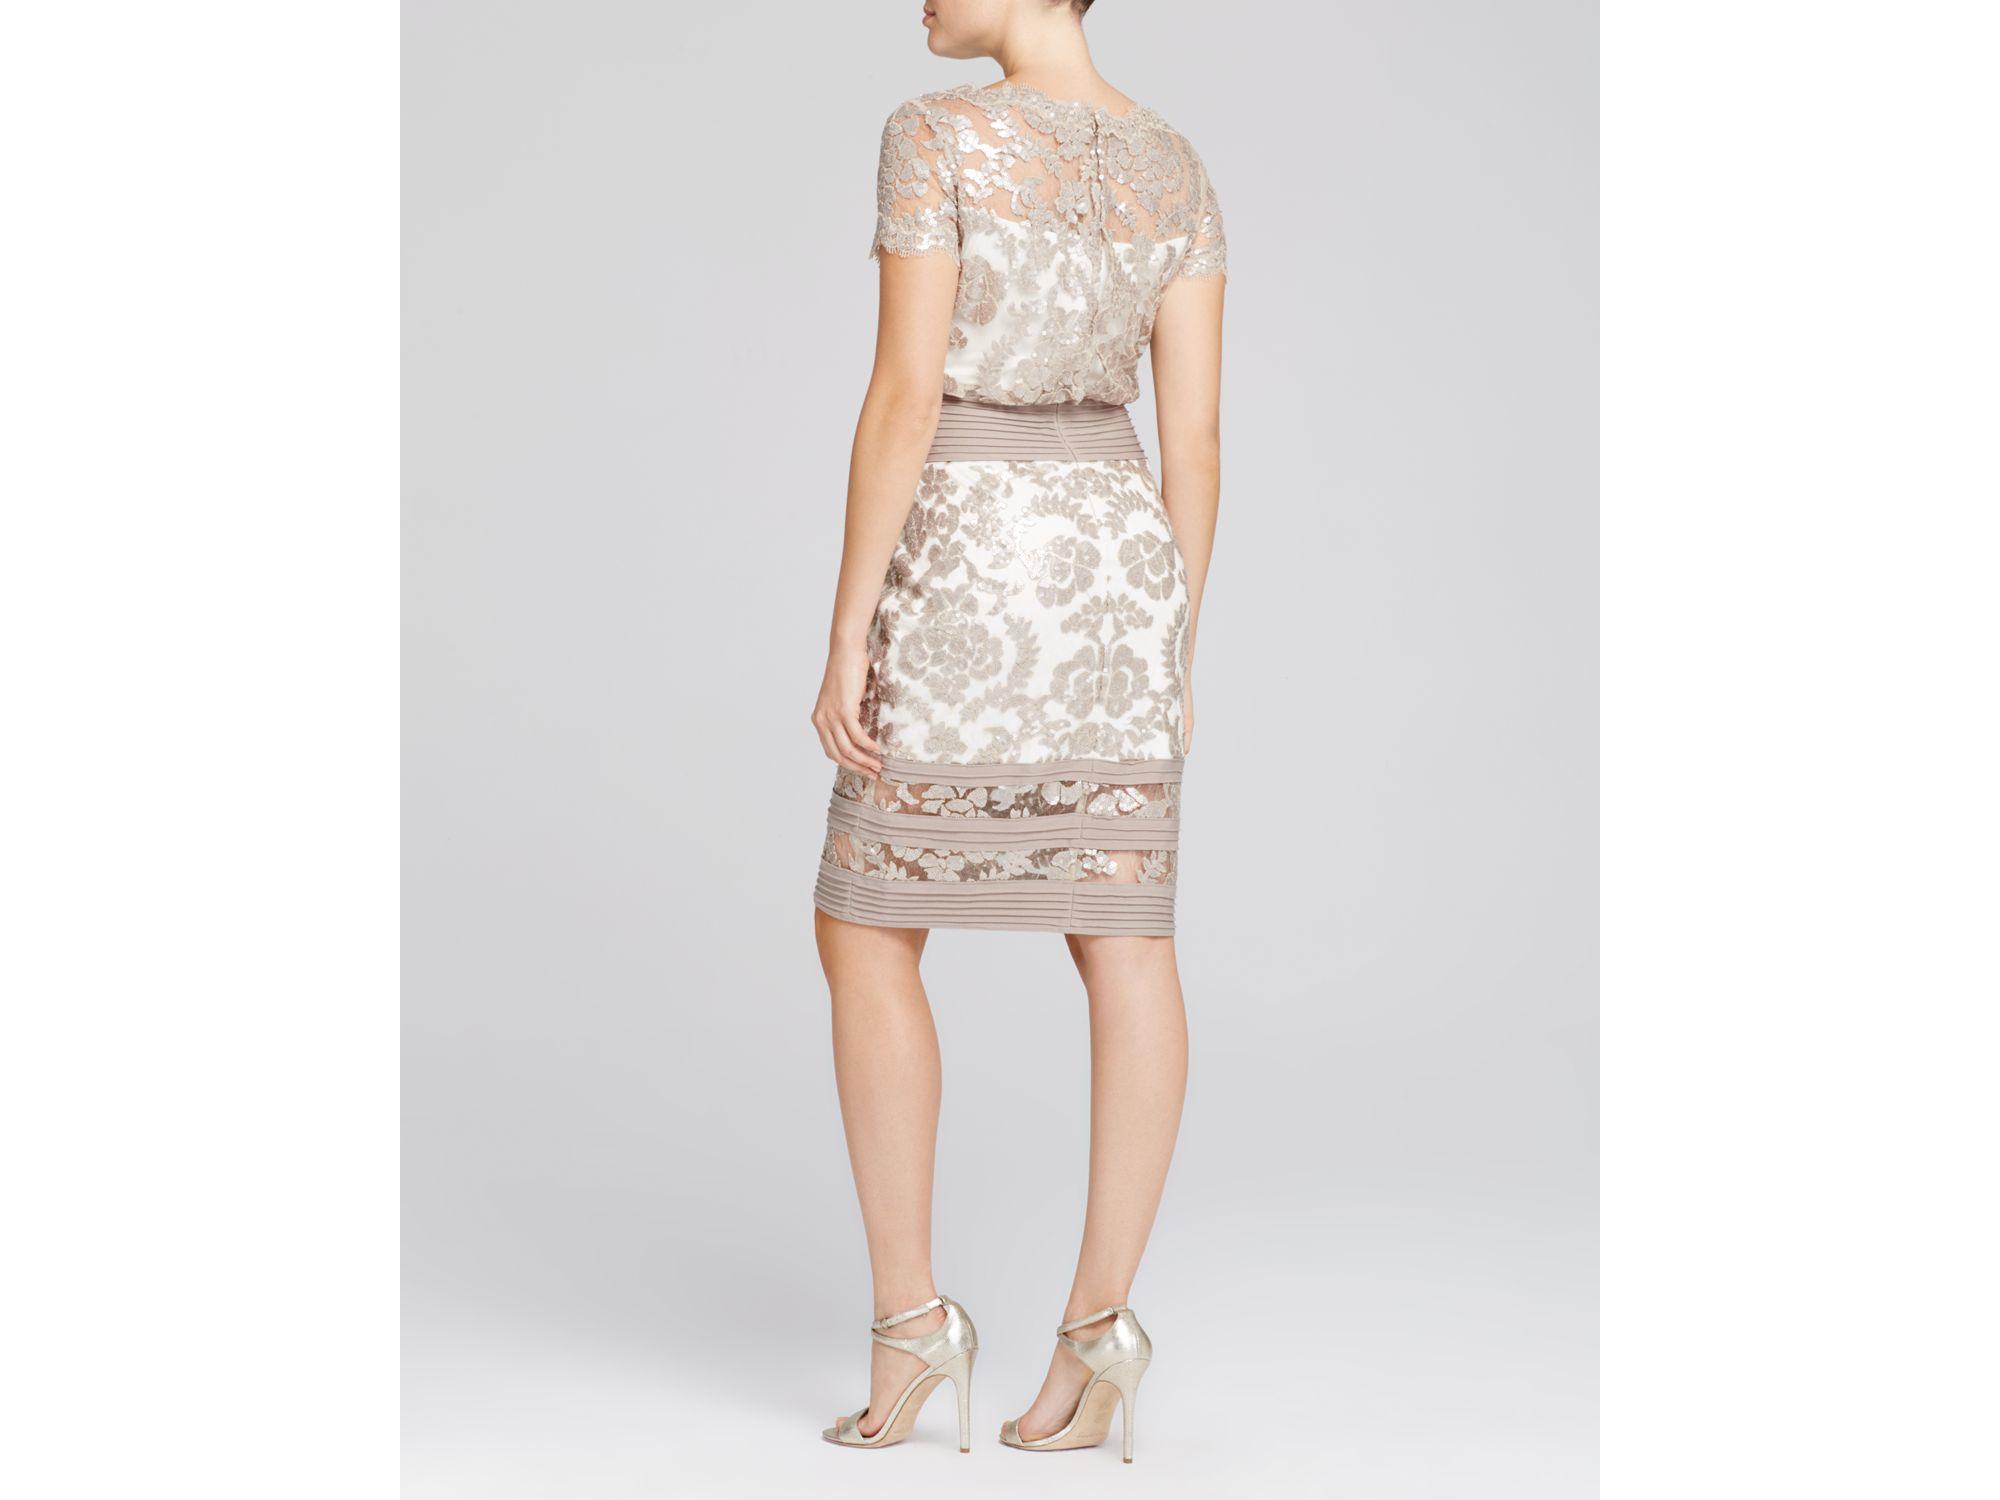 Short Sleeve Sequin Lace Blouson Dress